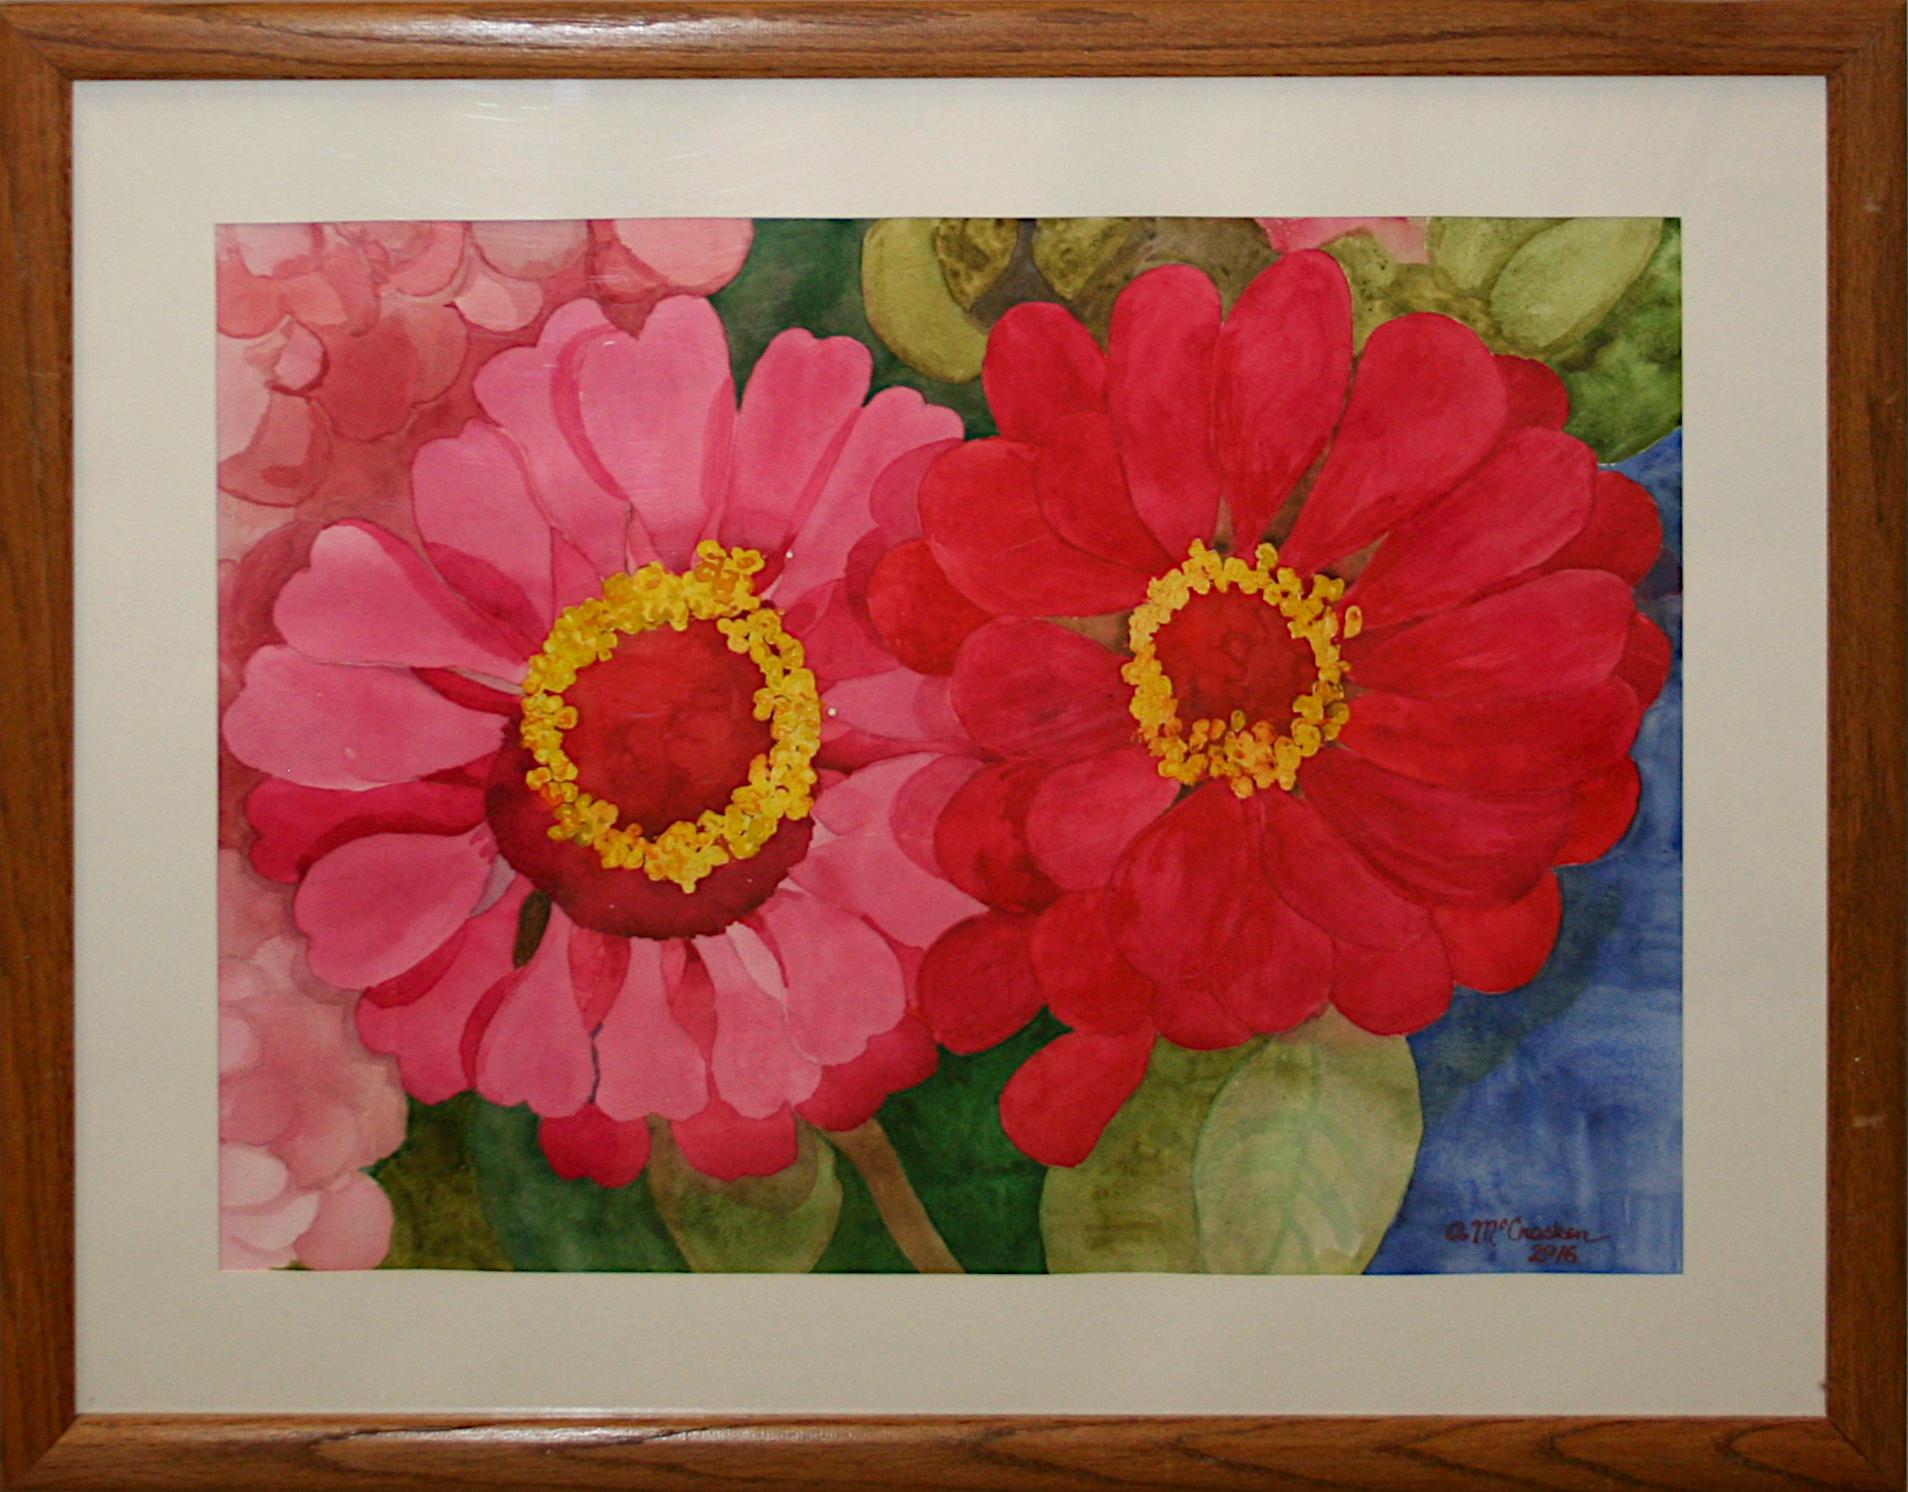 Aline Cantrell McCracken   Two Zinnias   Watercolor